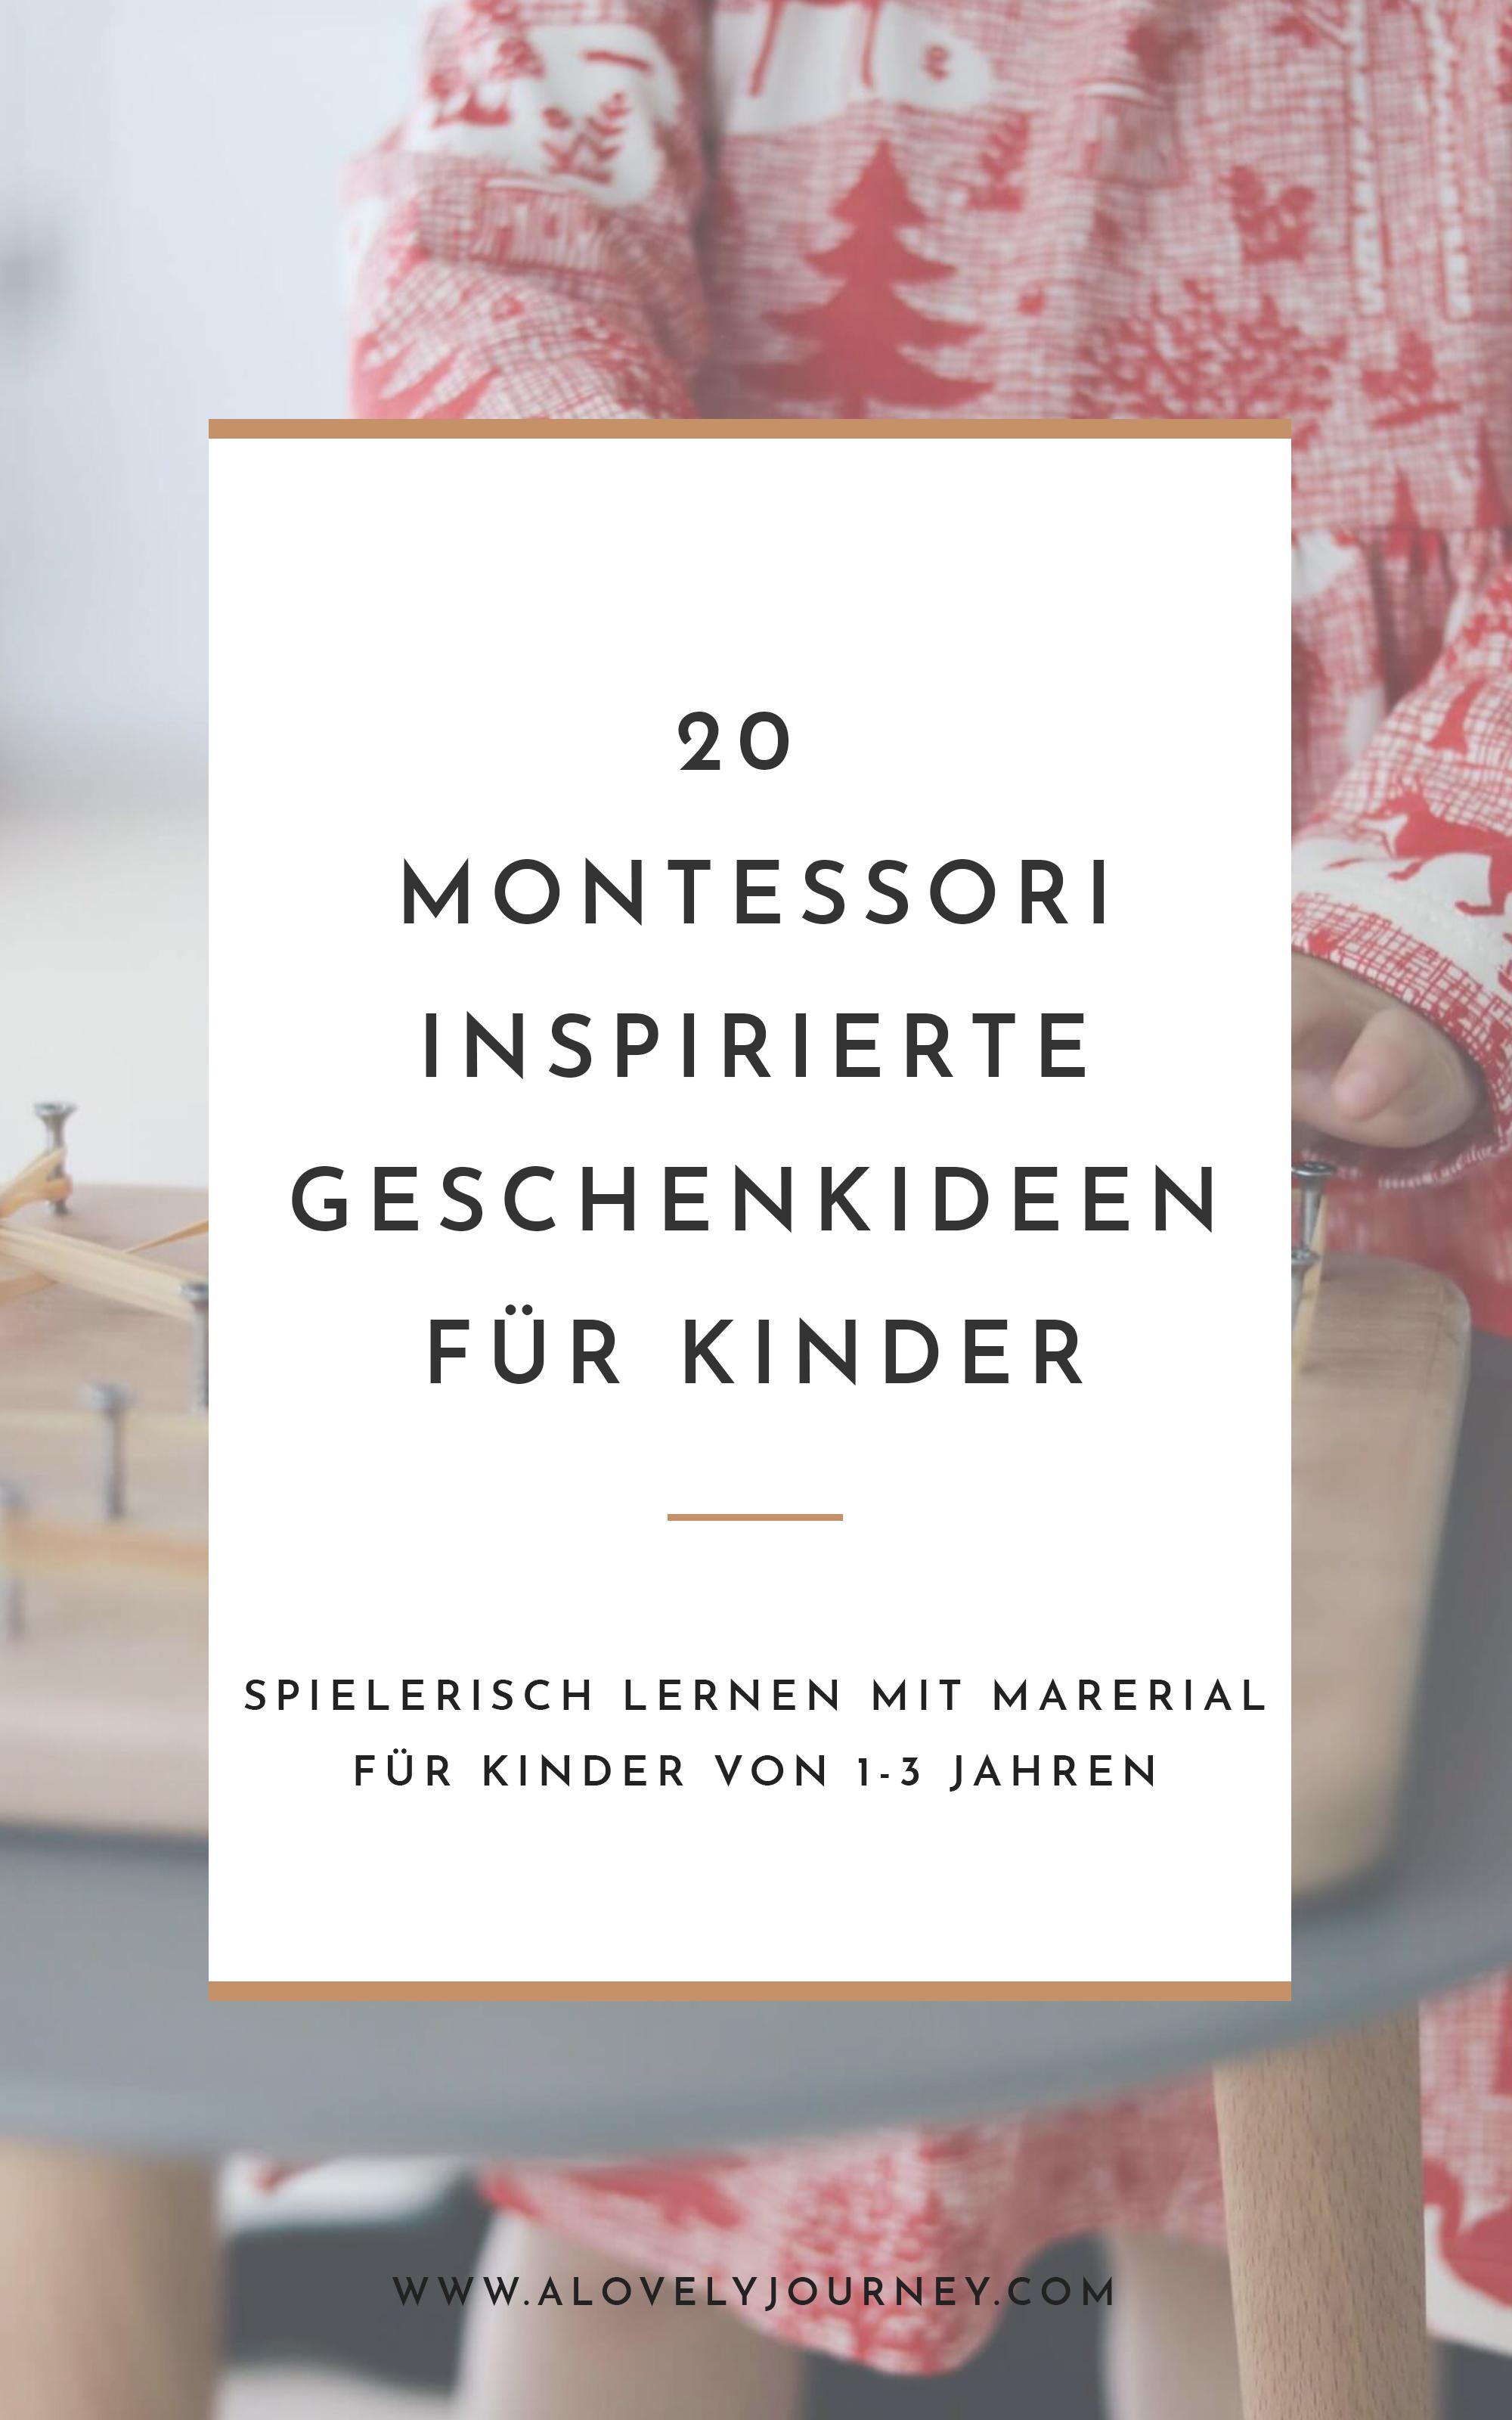 29 Montessori Inspirierte Geschenke für Kinder von 1 bis 3 Jahren